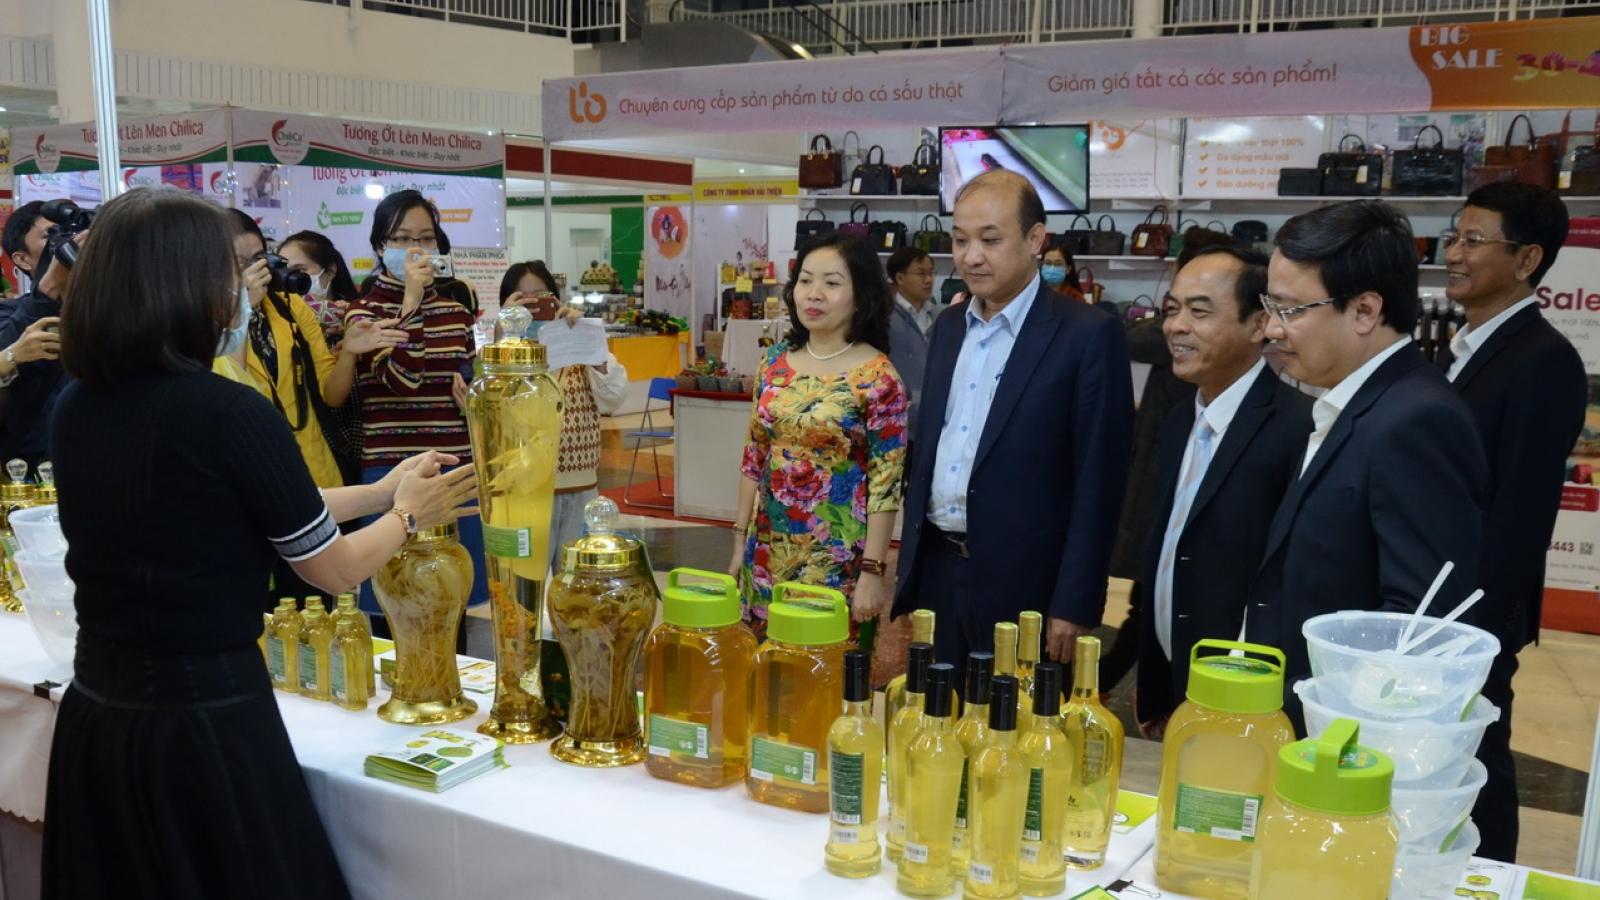 200 doanh nghiệp tham gia hội chợ Xuân Đà Nẵng